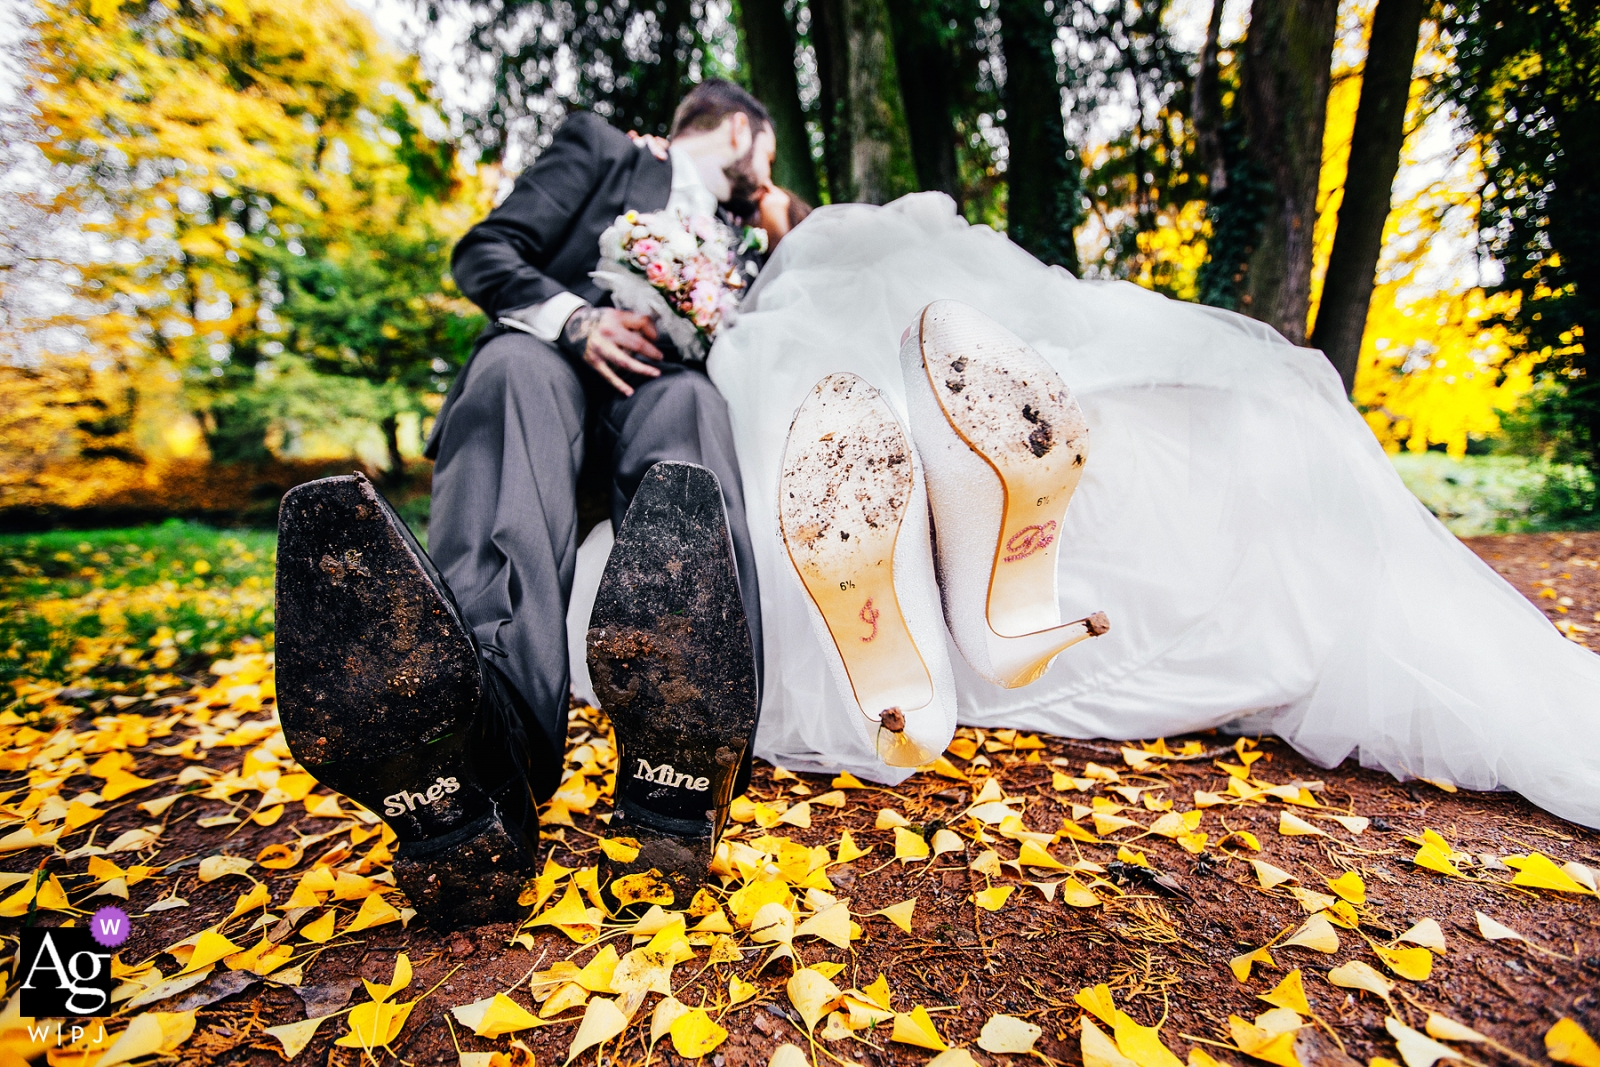 Bally Park, Argovie, Suisse détail de mariage des chaussures de la mariée et le marié alors qu'ils se balancent vers l'appareil photo